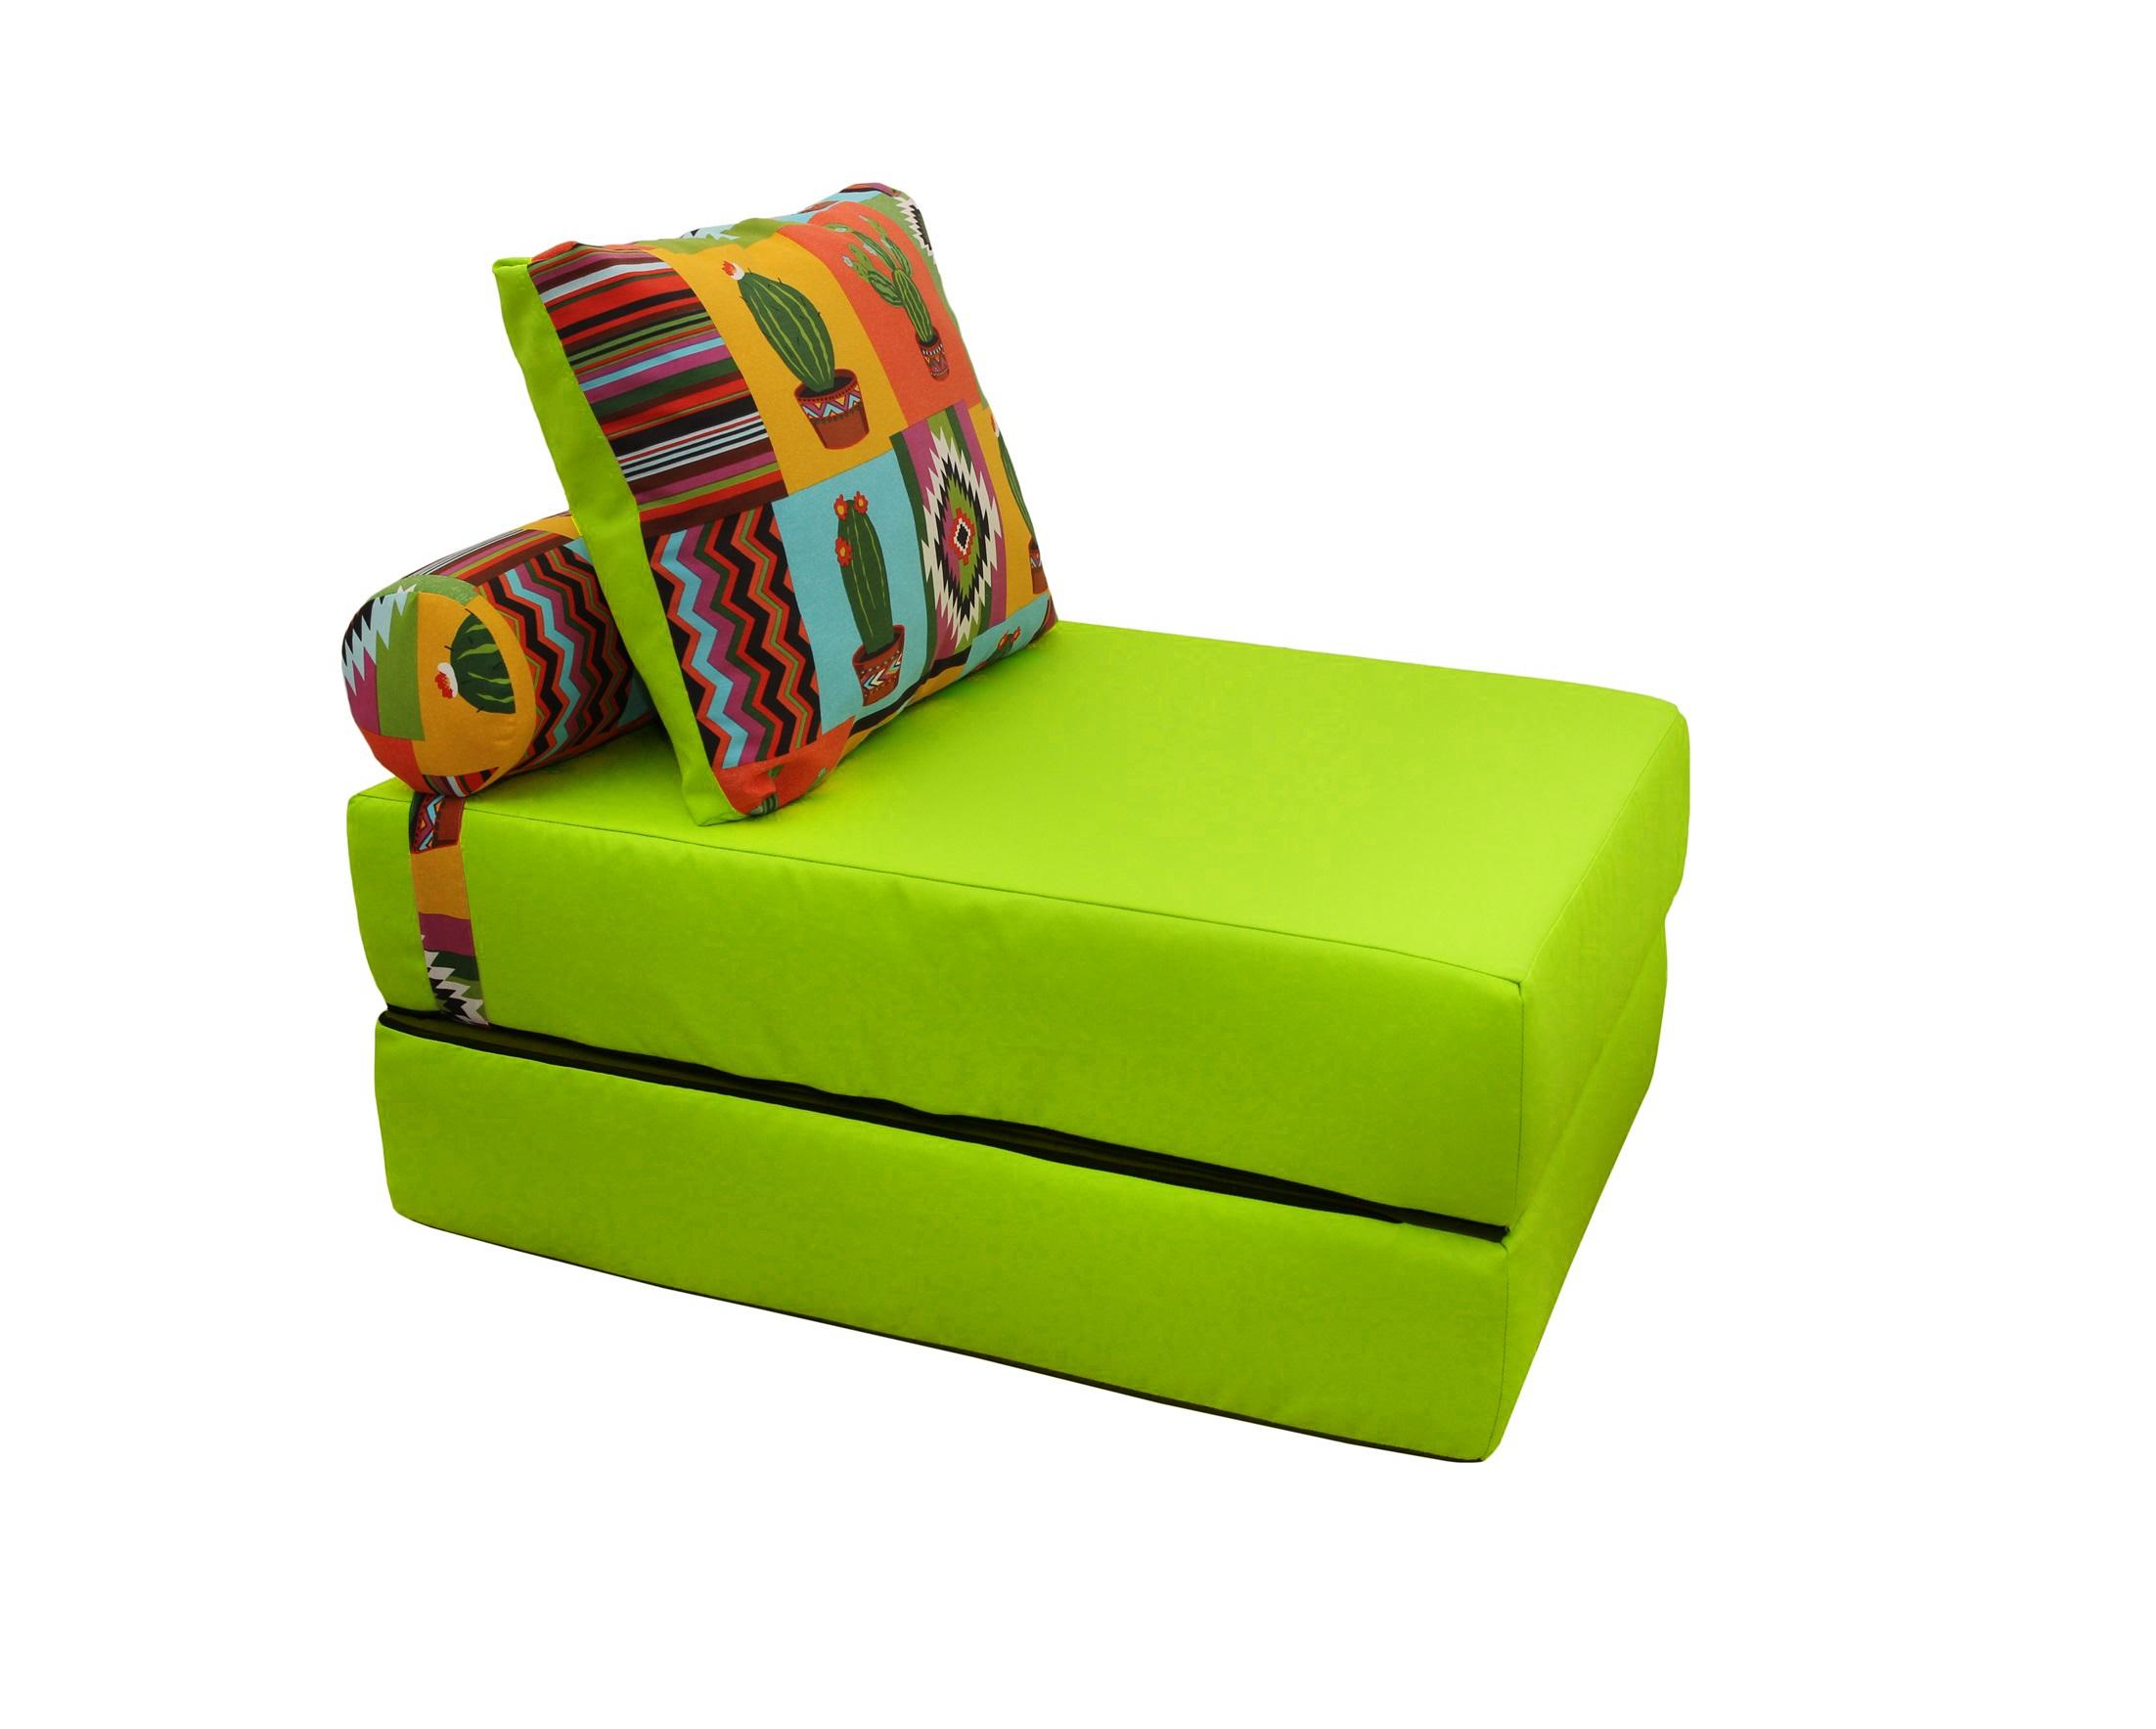 Кресло-кроватьКресла-кровати<br>&amp;lt;div&amp;gt;Если ваша душа всегда требует творчества и вы не сторонник скучных дизайнерских решений - присмотритесь к этому дивану-кровати. Он представляет собой матрас, складывающийся пополам. Съемный чехол позволит менять расцветку вашей кровати так часто, как вы сами того пожелаете, ведь в этой линейке очень много вариантов необычных и ярких орнаментов. Жесткость матраса оптимальна для полноценного сна, а компактность этого дивана позволит ему поместиться даже в небольшом помещении.&amp;lt;/div&amp;gt;&amp;lt;div&amp;gt;&amp;lt;br&amp;gt;&amp;lt;/div&amp;gt;&amp;lt;div&amp;gt;В сложенном виде: 70х40х100, в разобранном виде 70х20х200, валик d20х40, подушка 50х70 см.&amp;lt;/div&amp;gt;<br><br>Material: Текстиль<br>Ширина см: 100<br>Высота см: 40<br>Глубина см: 70